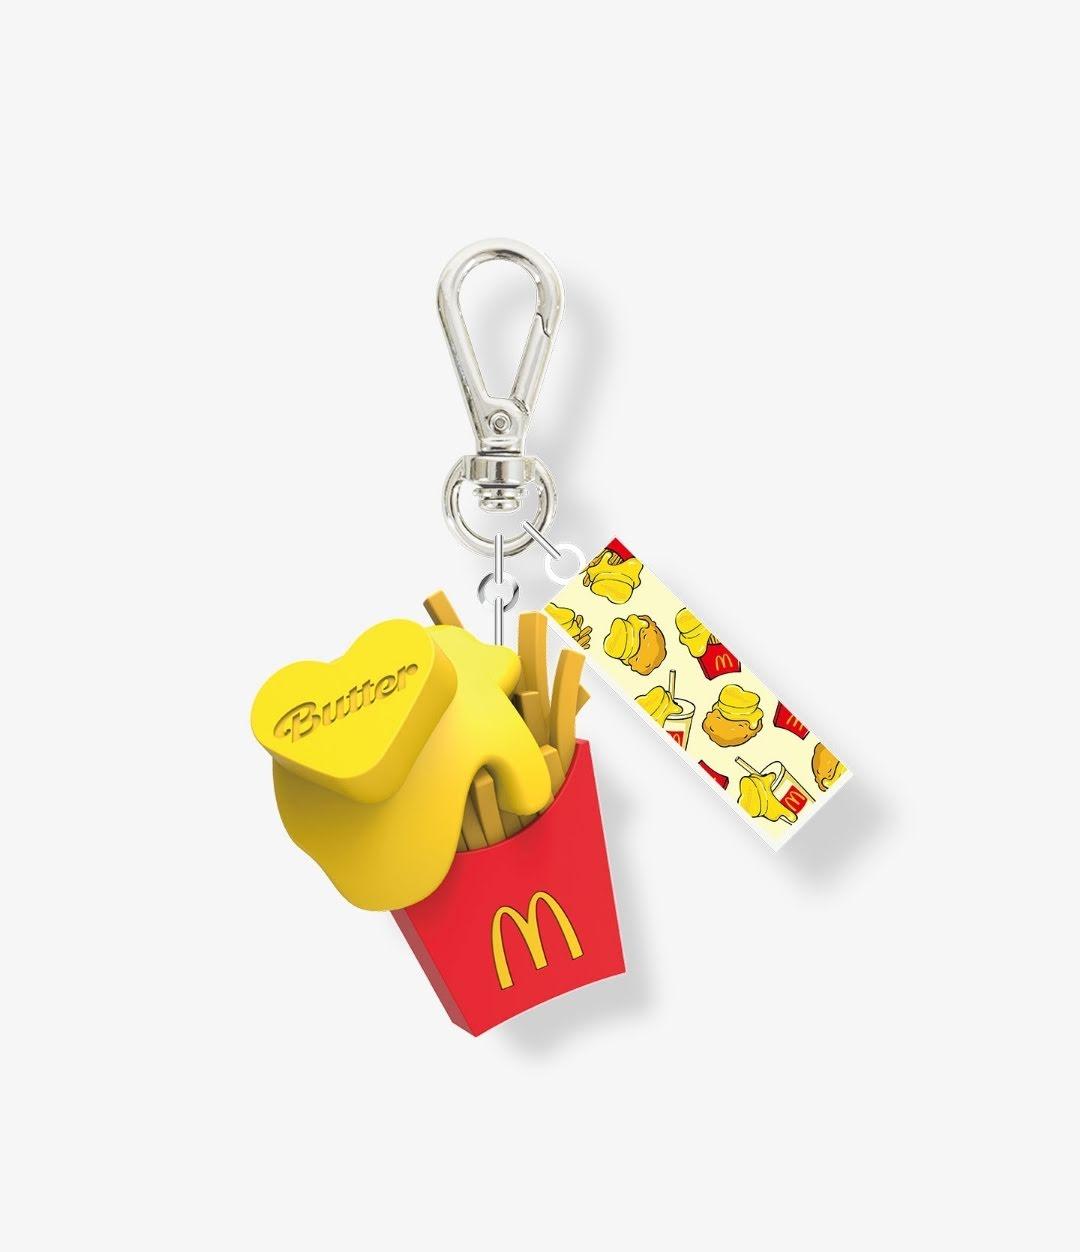 Confira fotos das peças da parceria entre McDonald's e BTS - 23